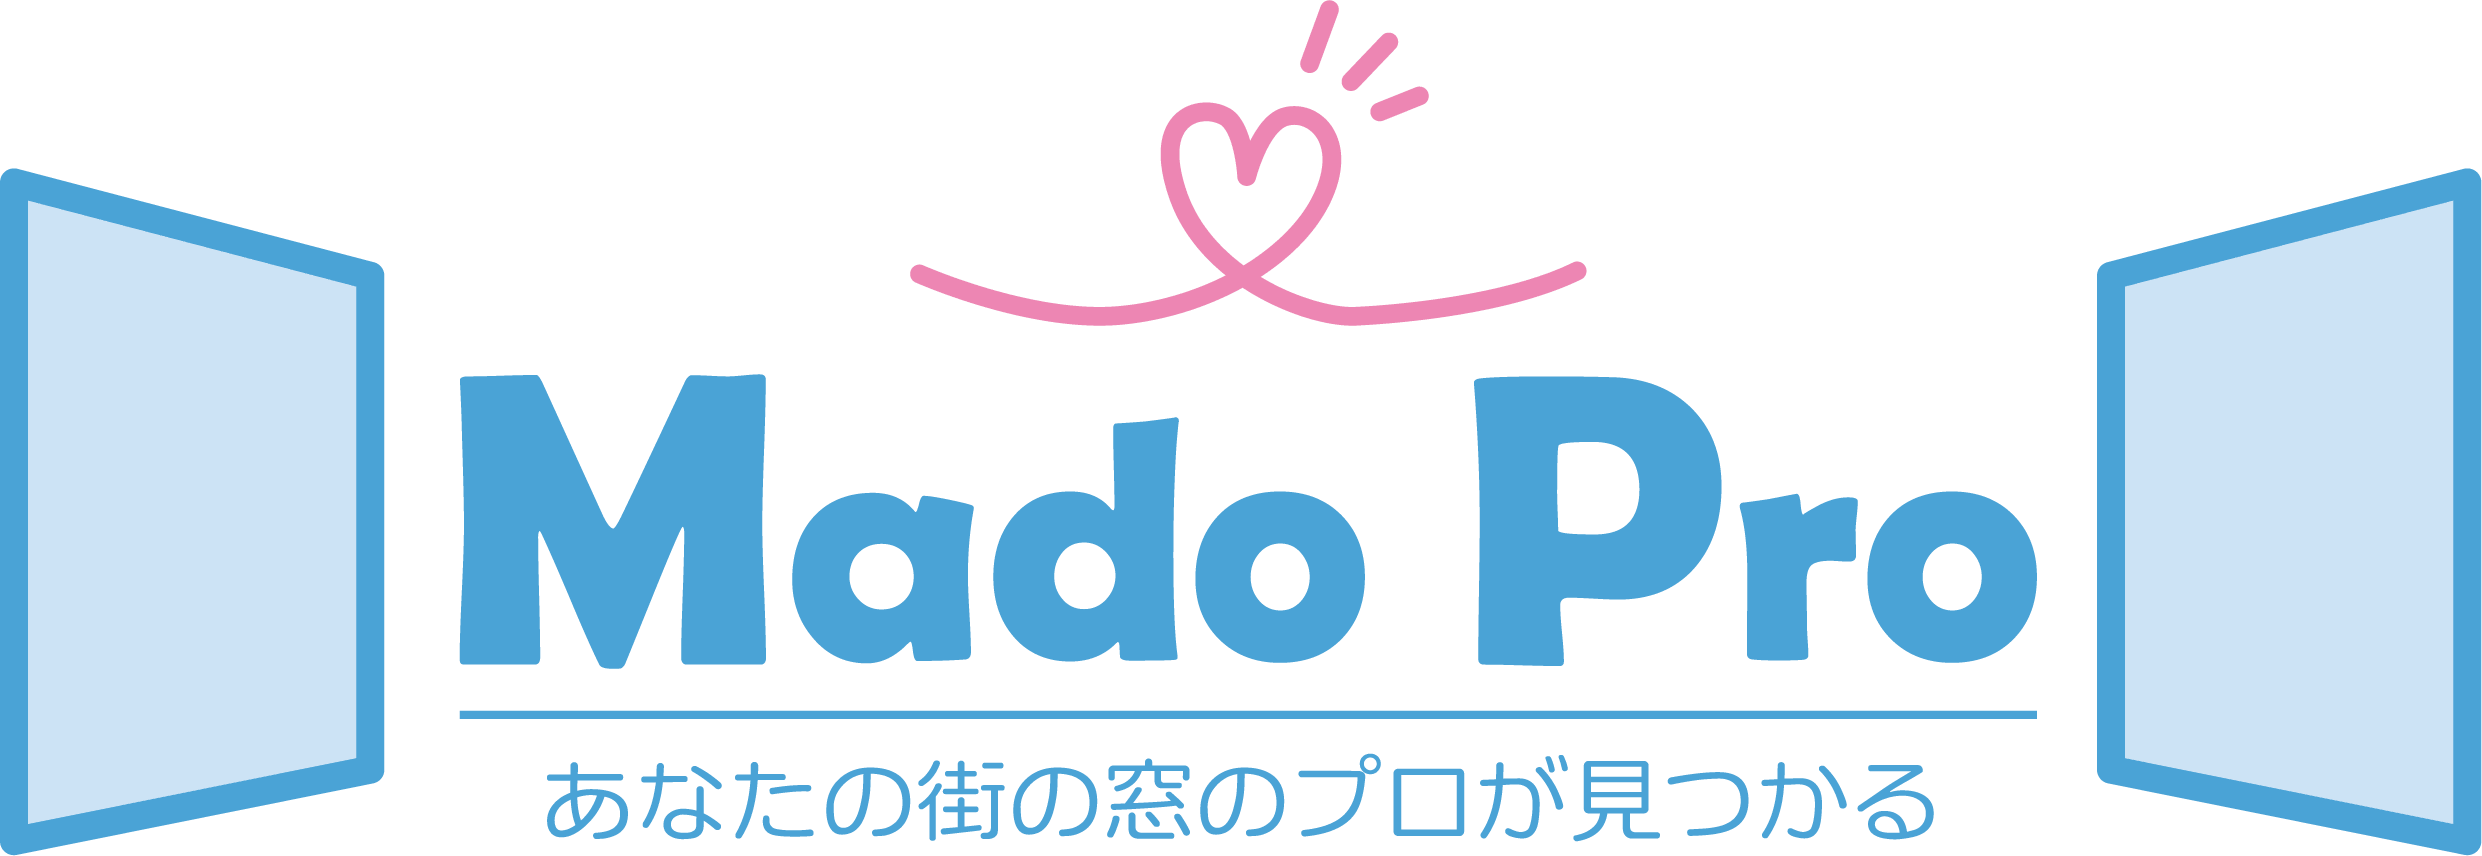 Mado Pro あなたの街の窓のプロが見つかる